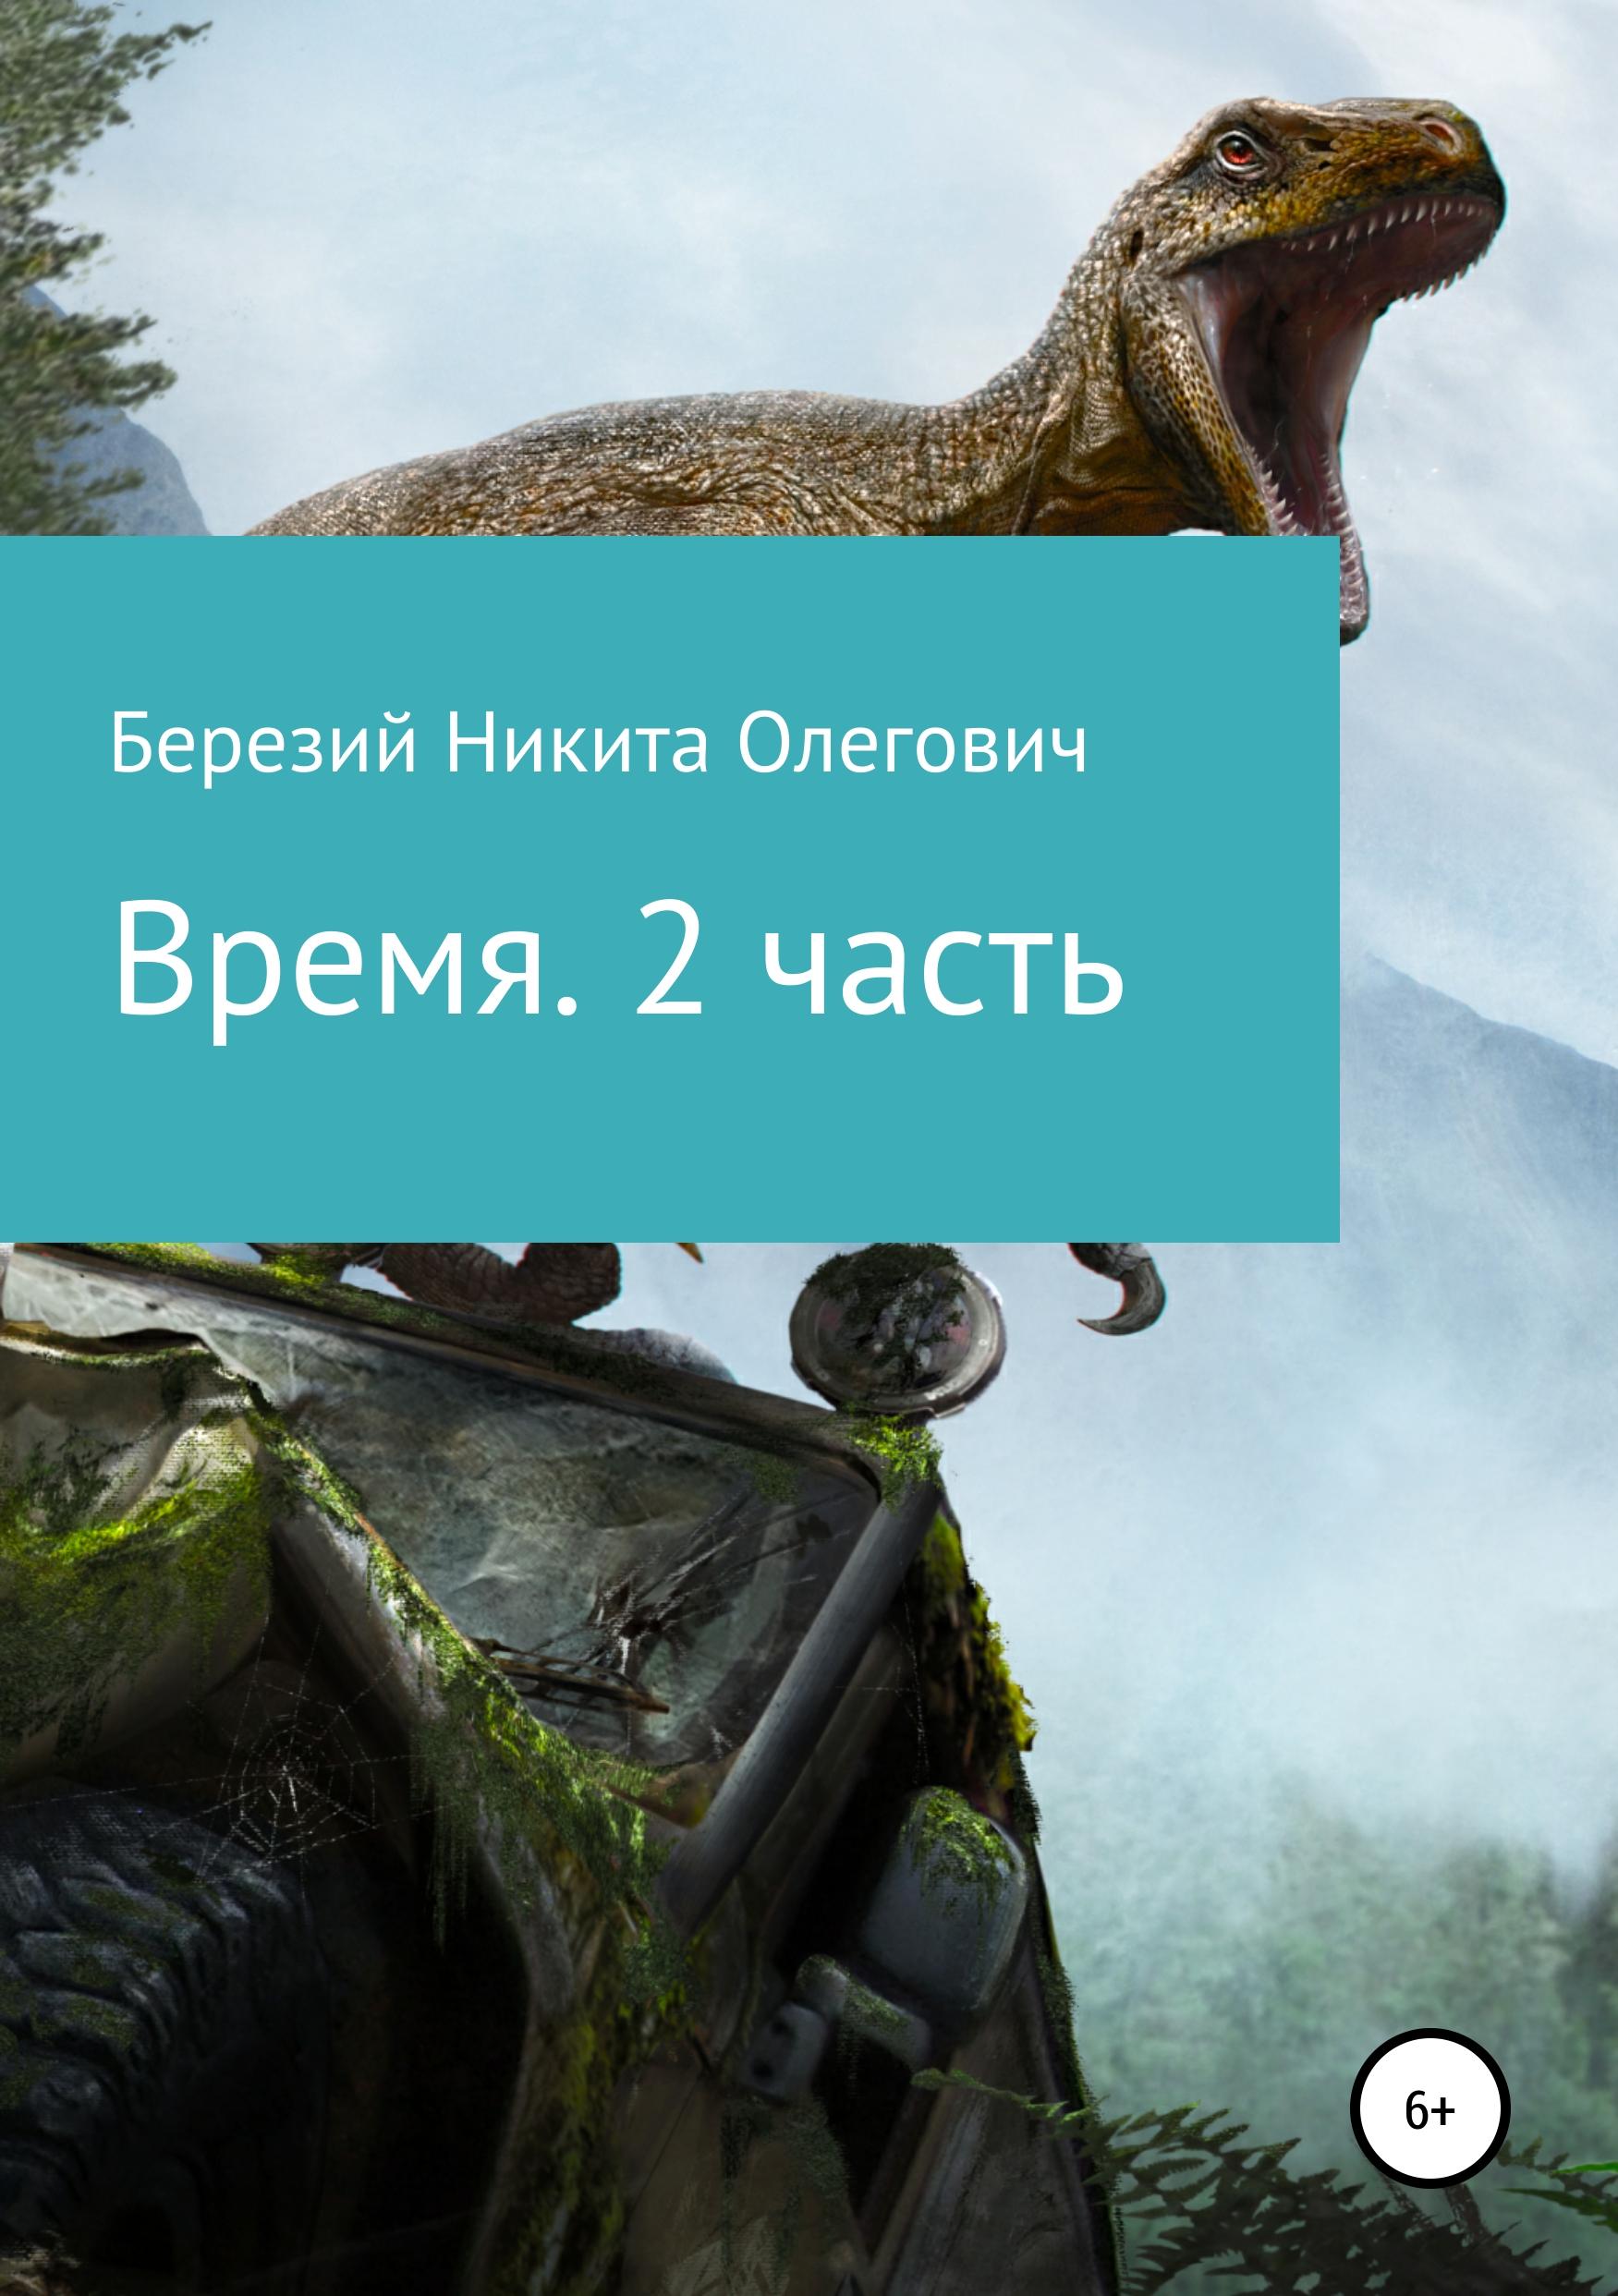 Никита Олегович Березий Время. 2 часть ручка его не помашет тебе привет